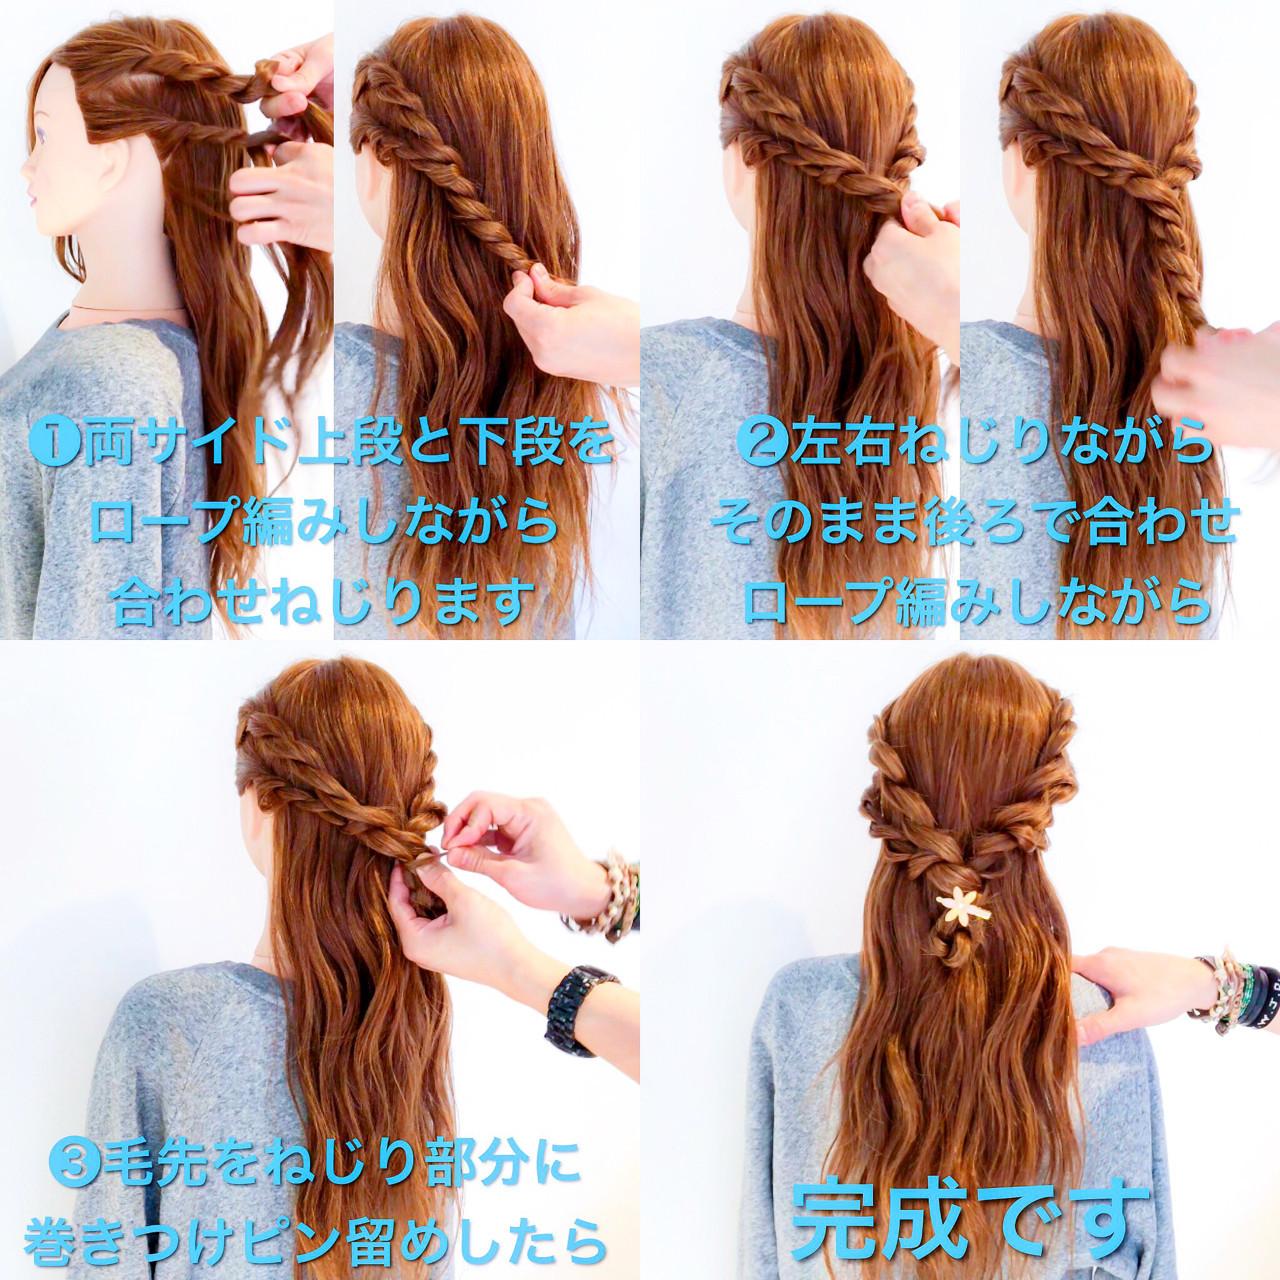 簡単ヘアアレンジ フェミニン ねじり ヘアアレンジ ヘアスタイルや髪型の写真・画像